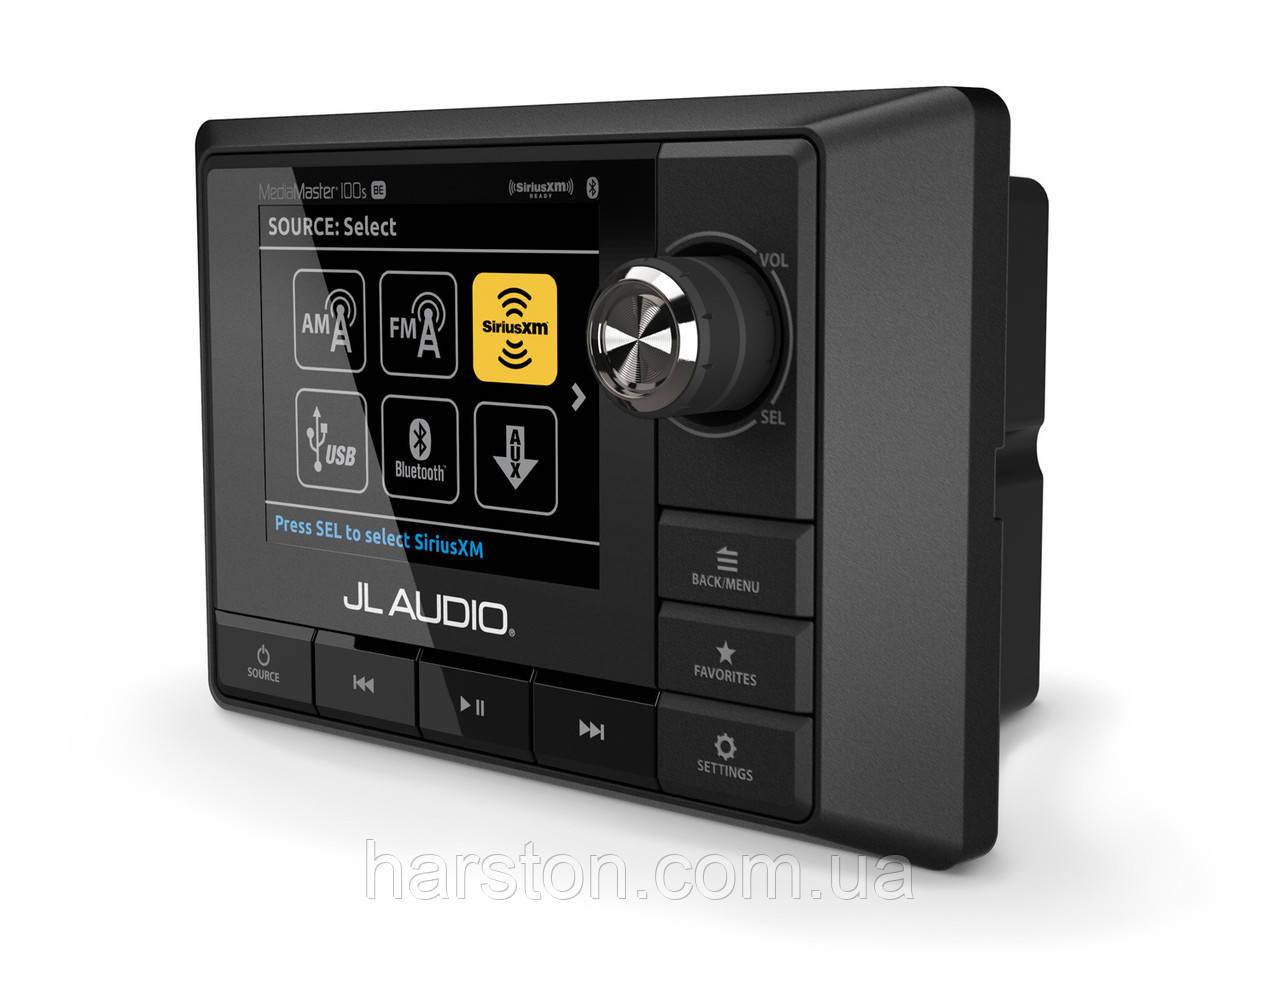 Морская магнитола Jl Audio MM100s-BE LCD Display